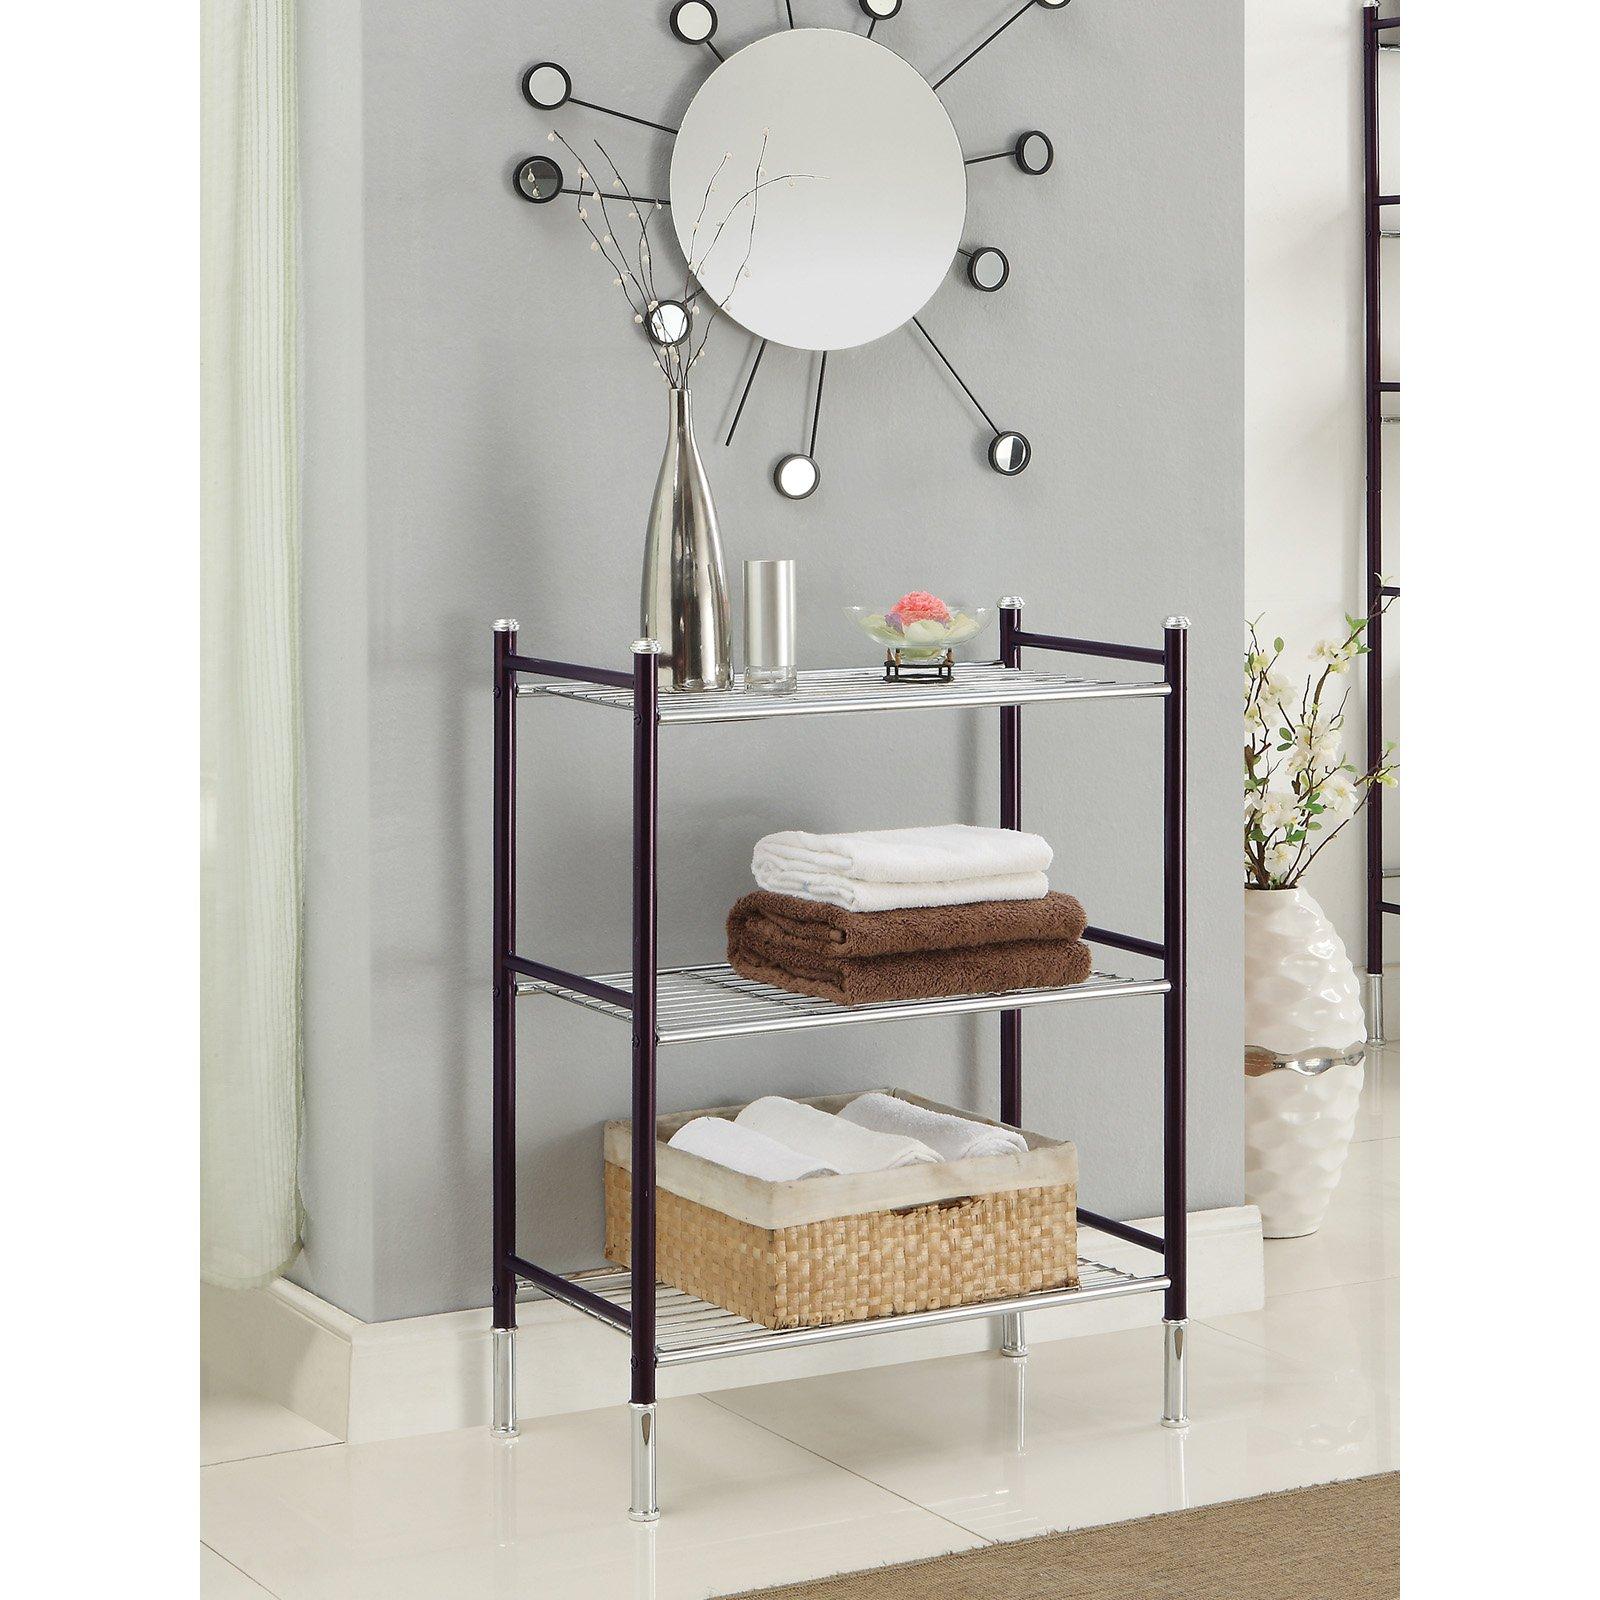 Duplex Bath 3 Tier Shelf